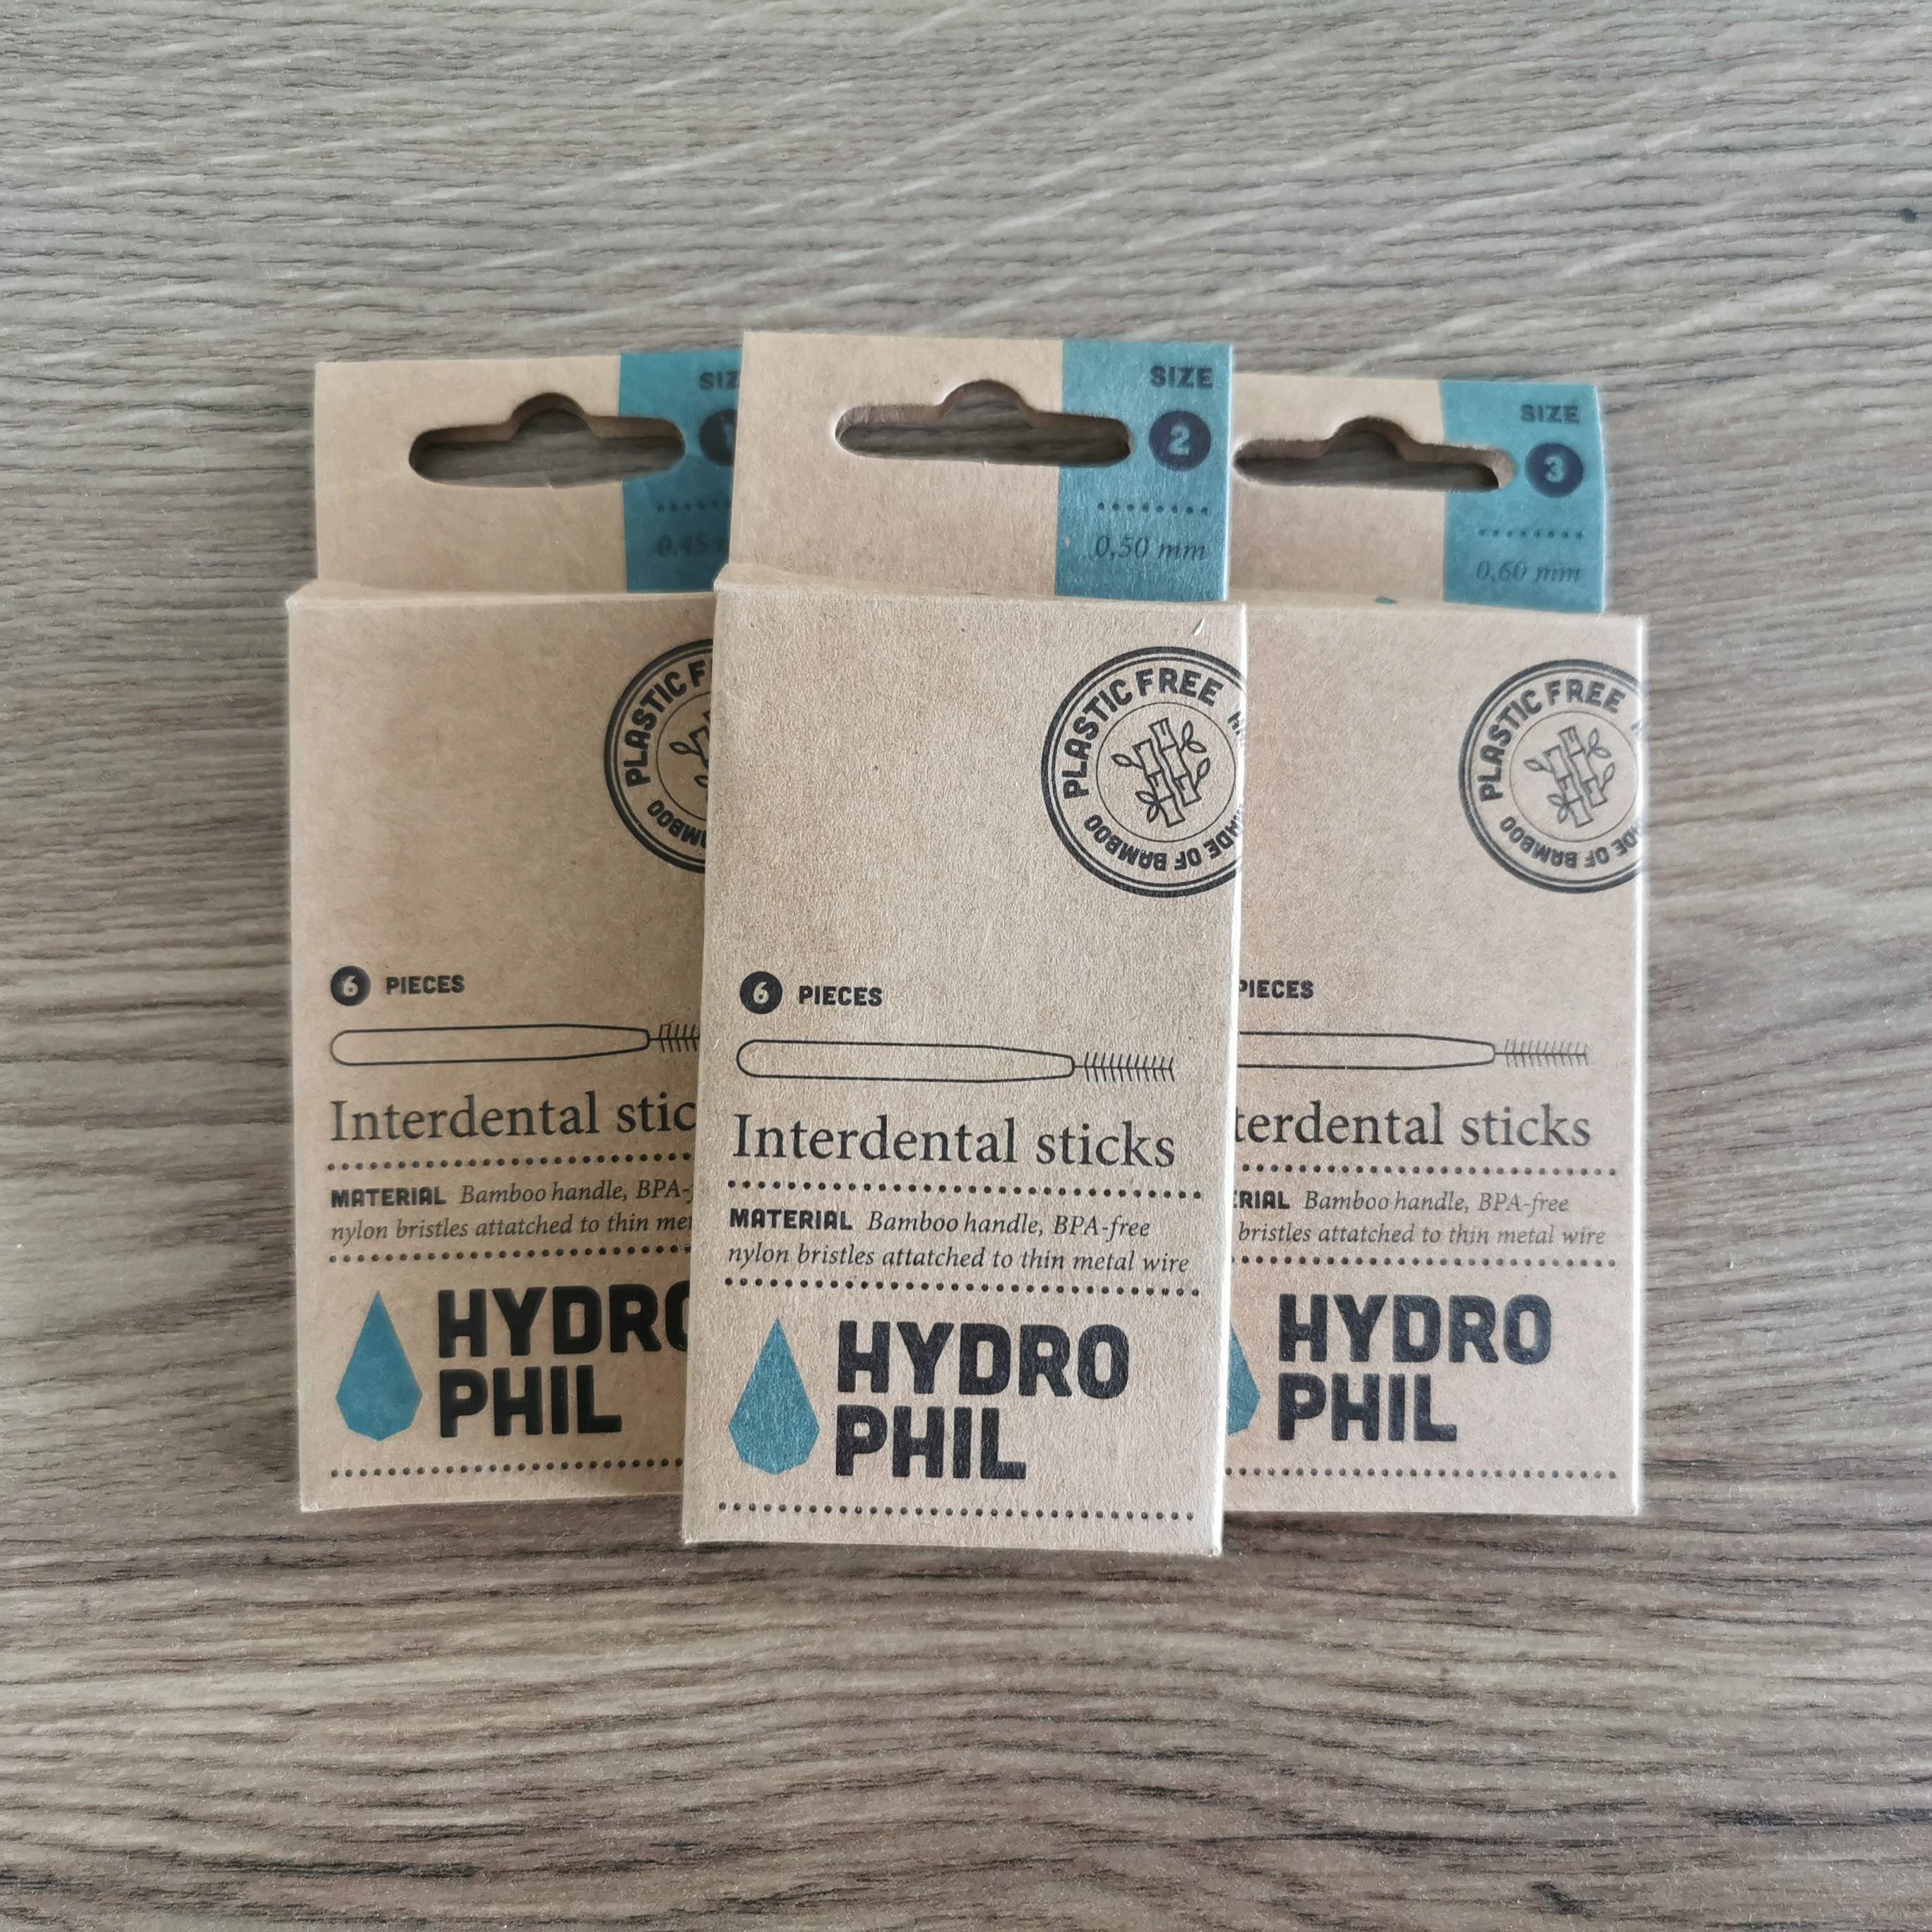 Hydrophil Interdental Sticks